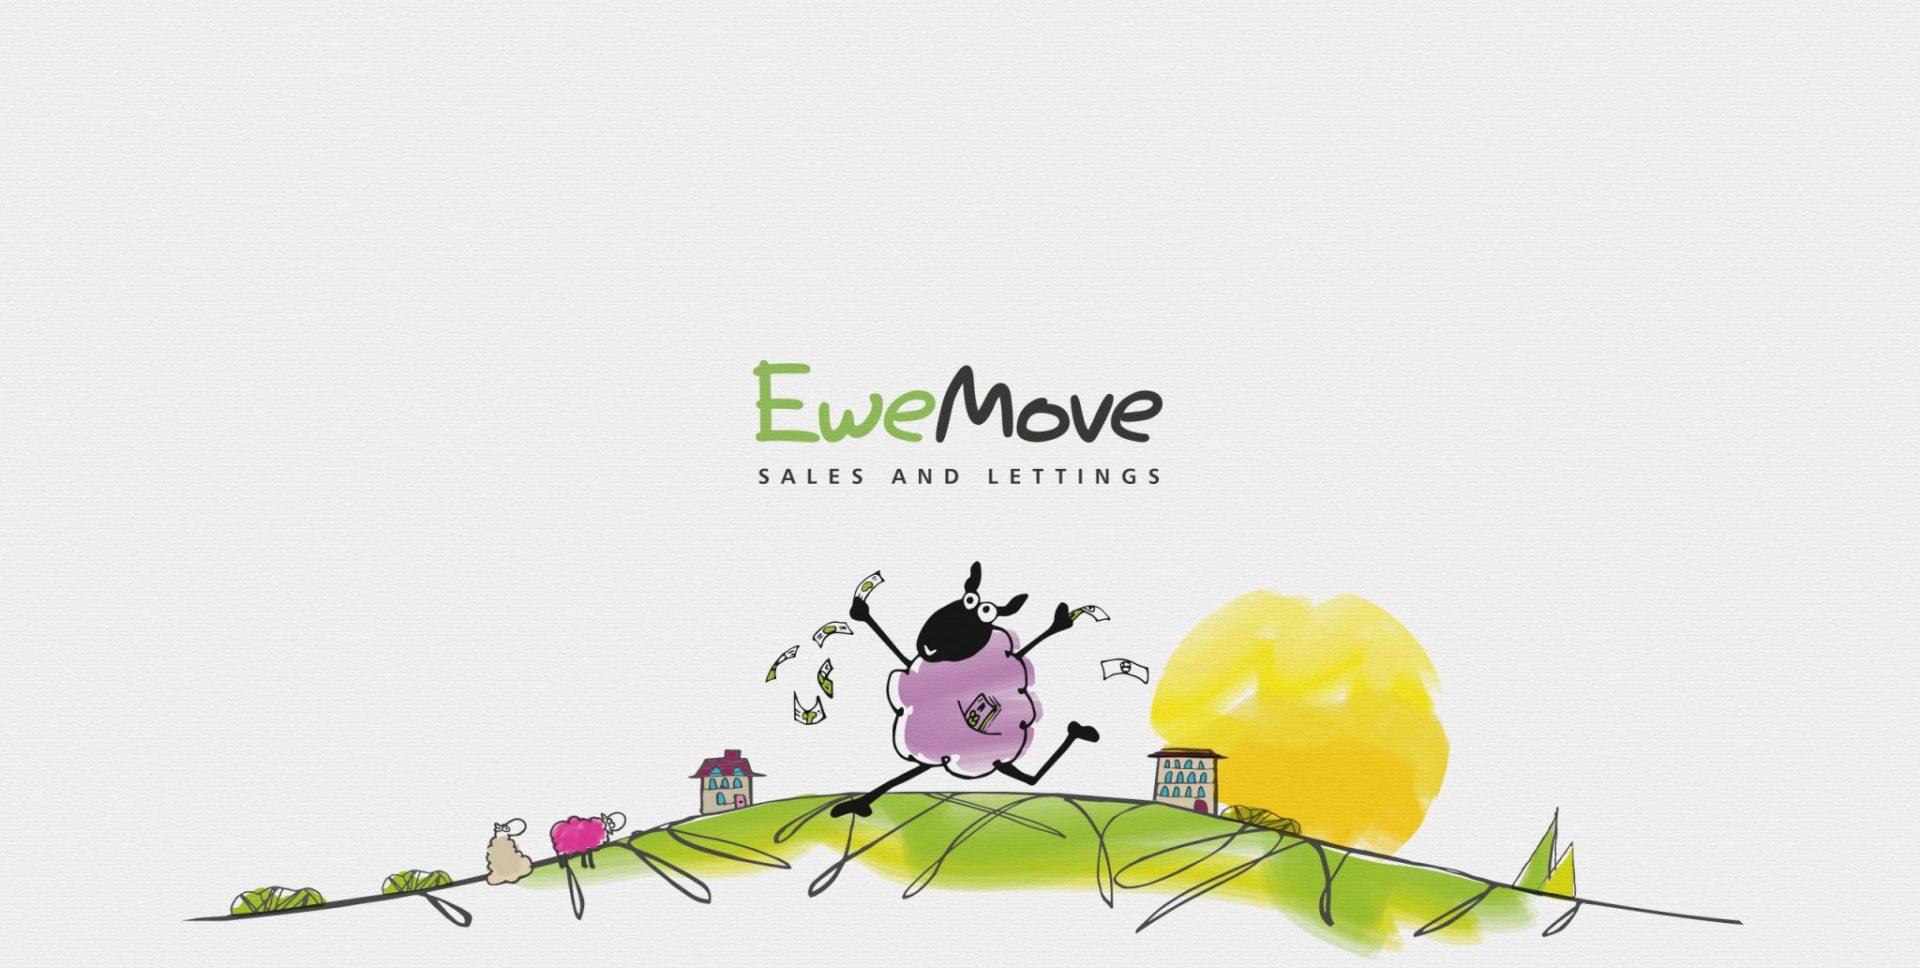 Ewemove-Landscape-Header-V2-2560-x-1290